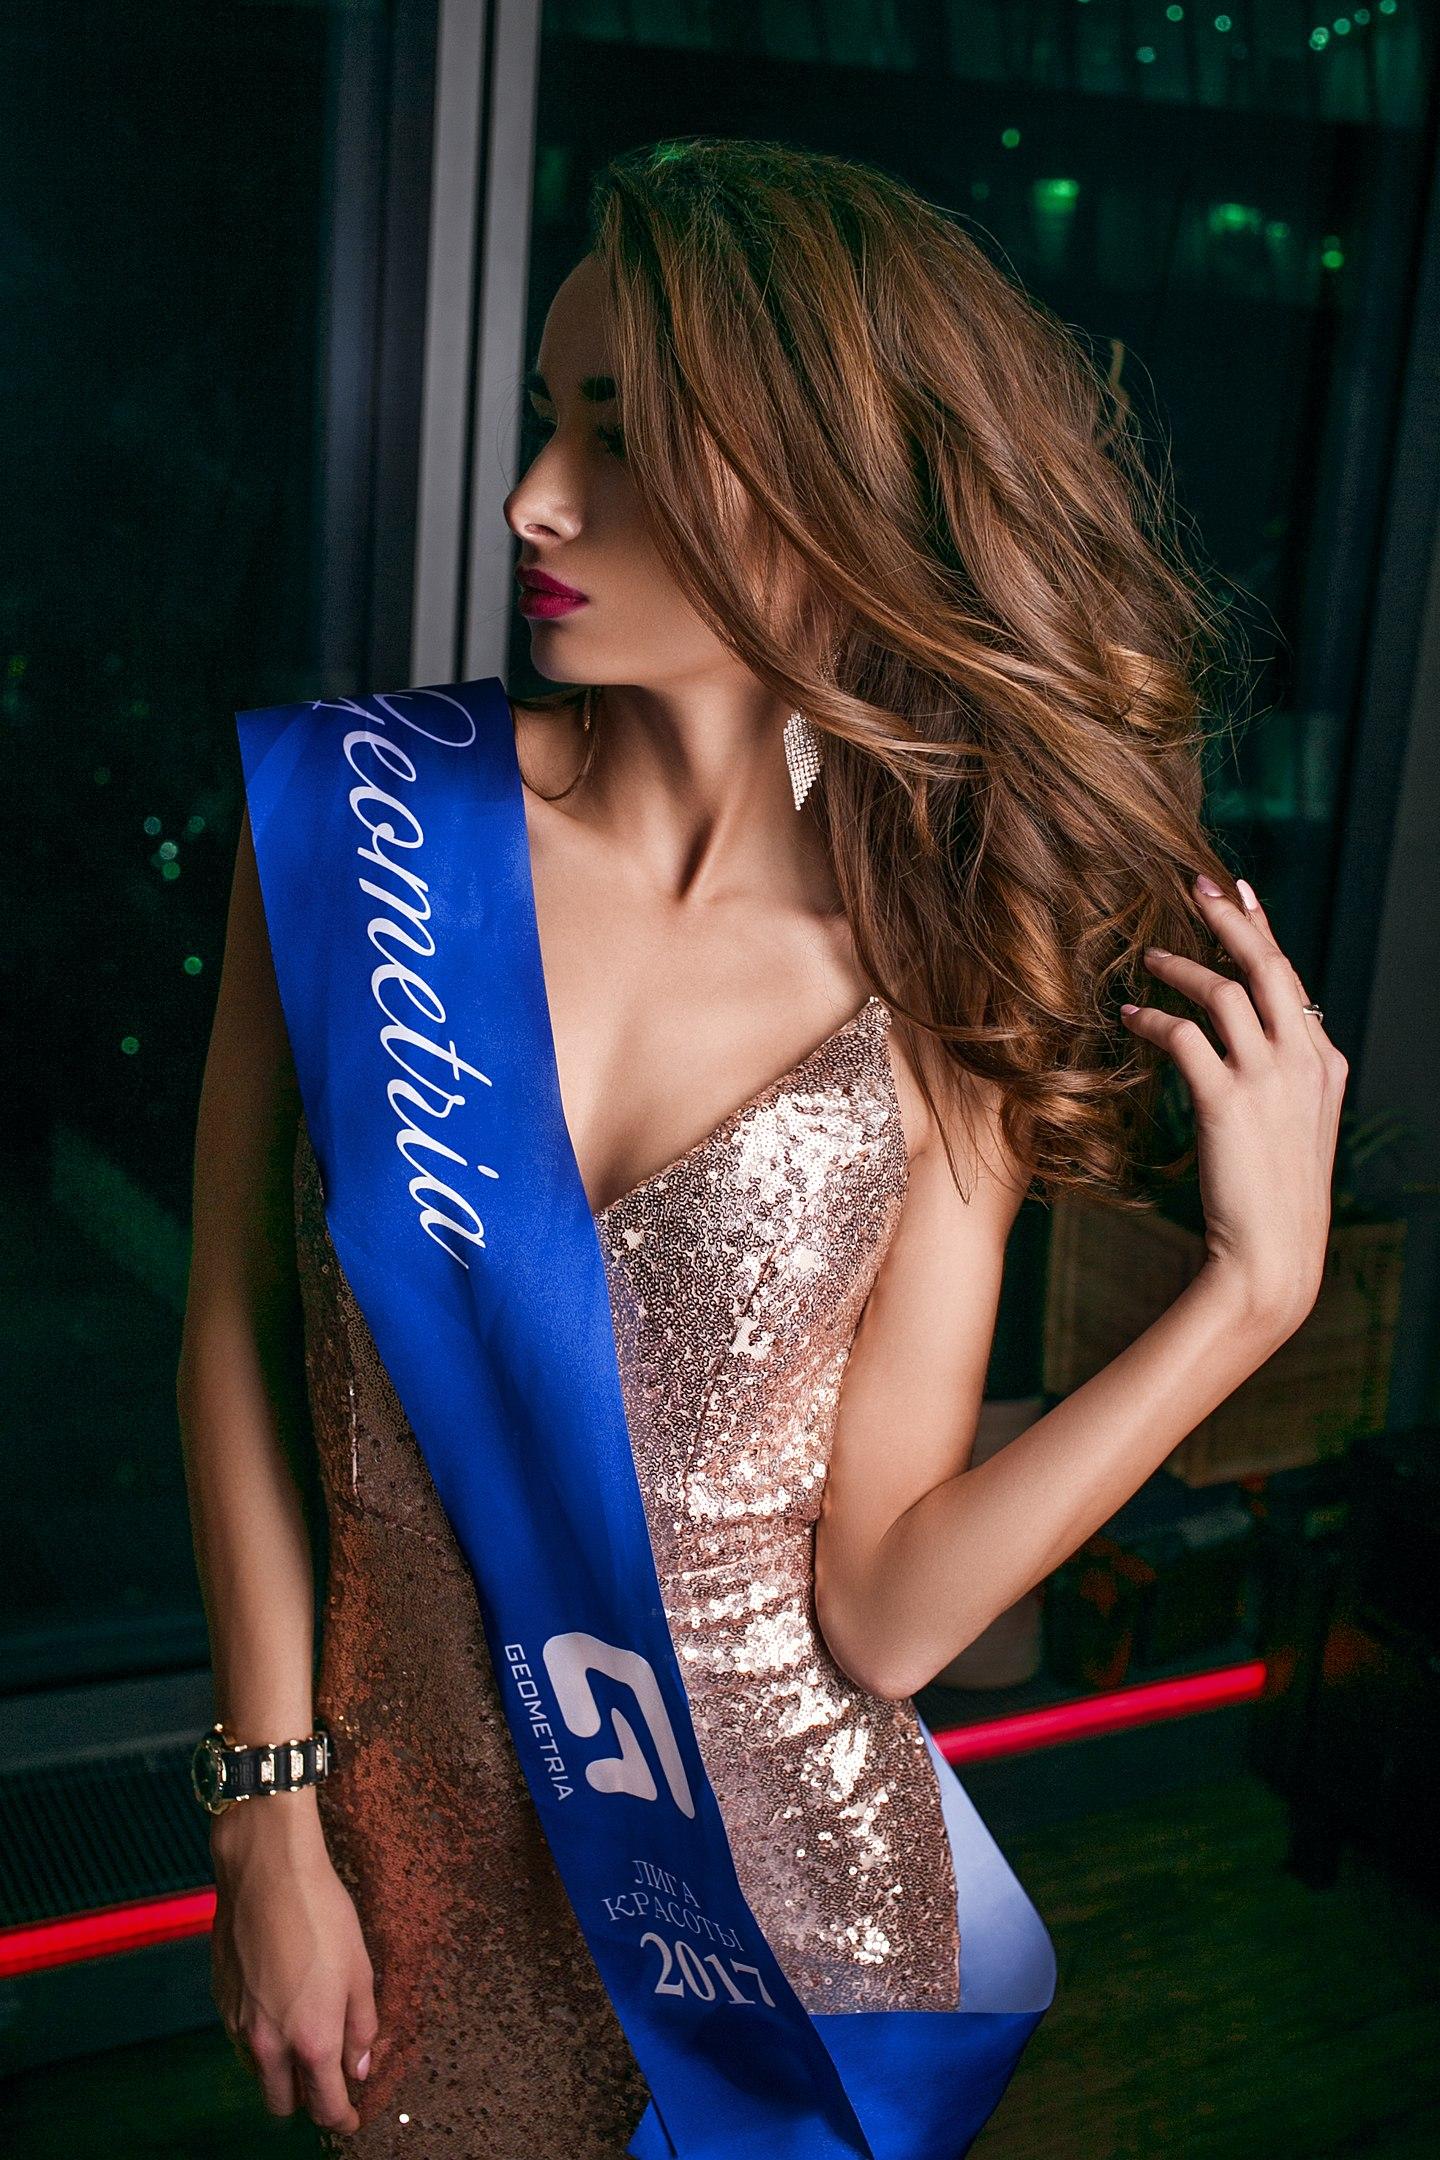 Фотомодель Анна Павлова - gобедительница конкурса «Лига красоты» в номинациях «супермодель» и «мисс Геометрия 2017»